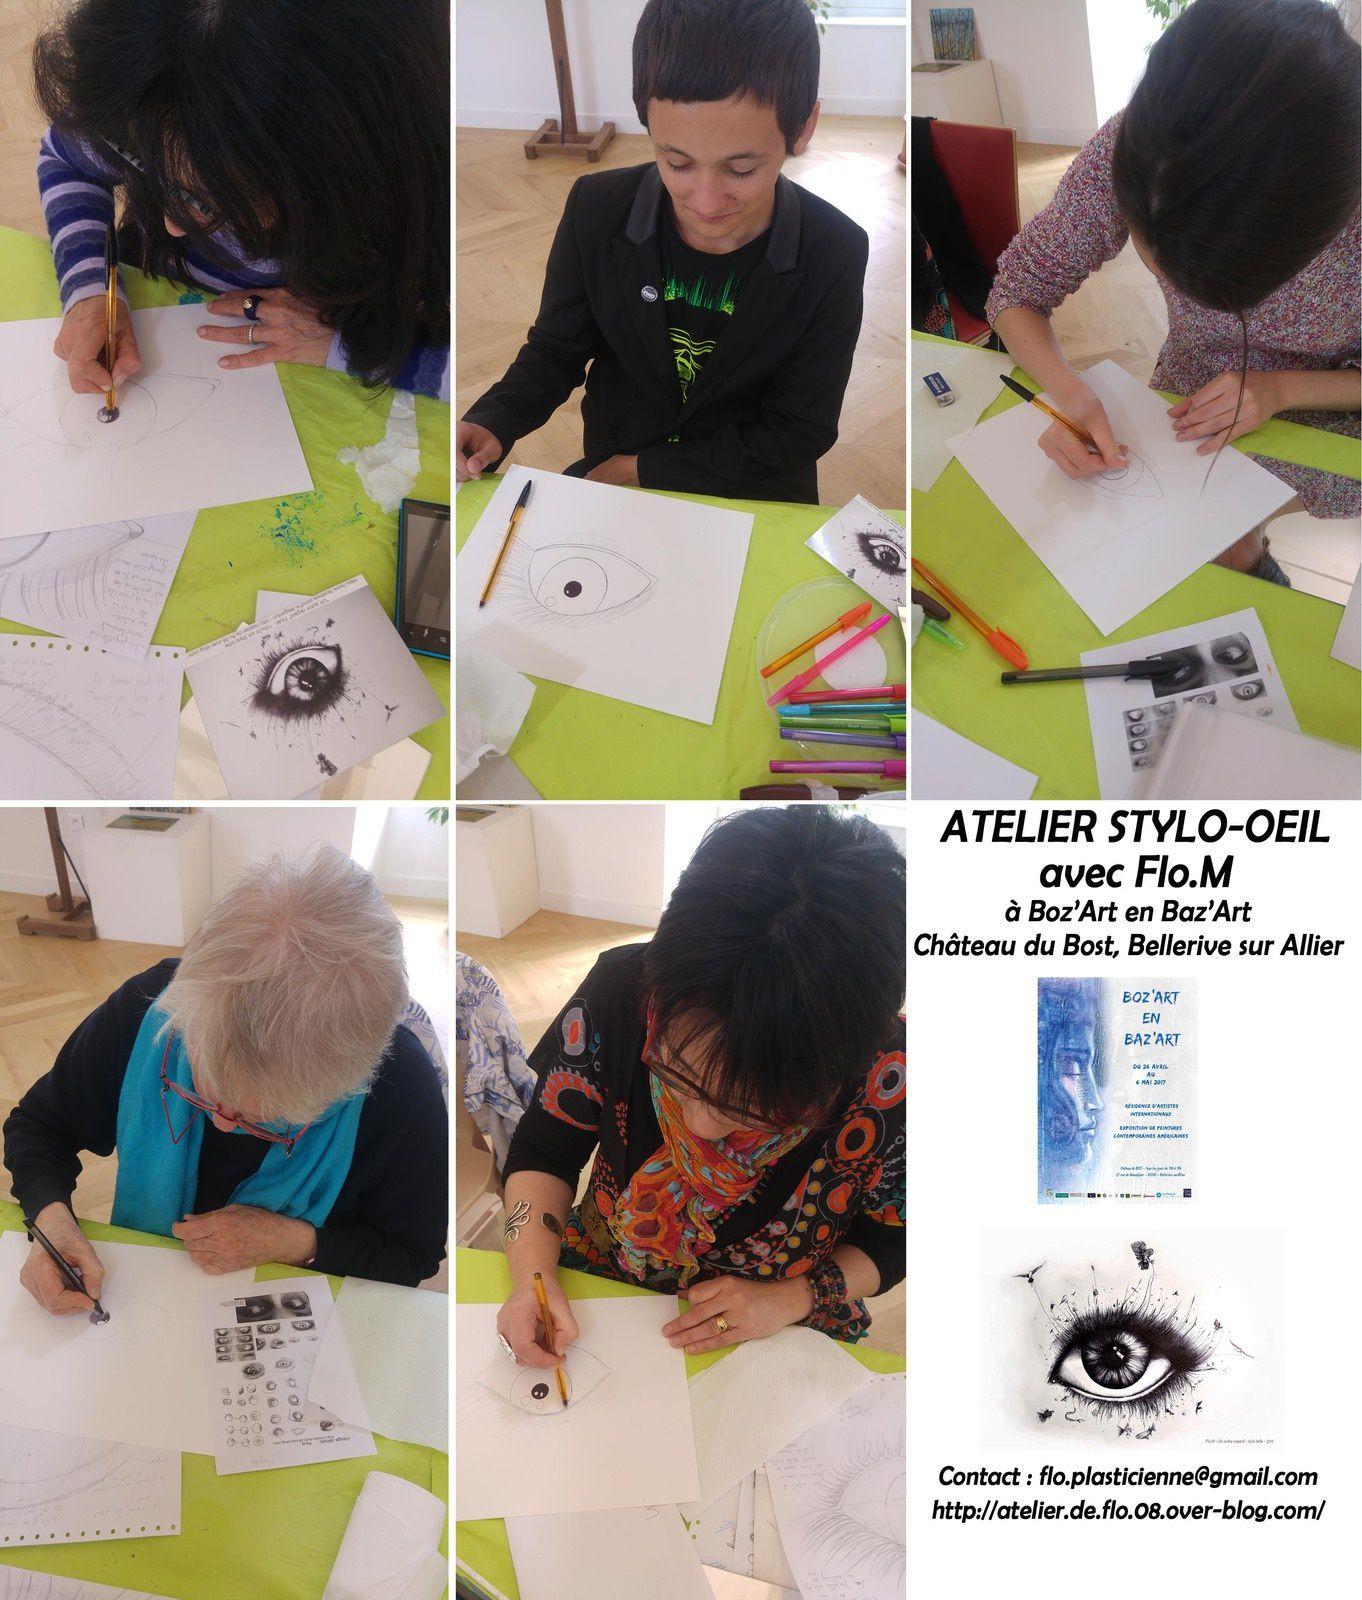 Les dessinateurs du stage stylo -oeil avec Flo.M - Clermont Ferrand : flo.plasticienne@gmail.com